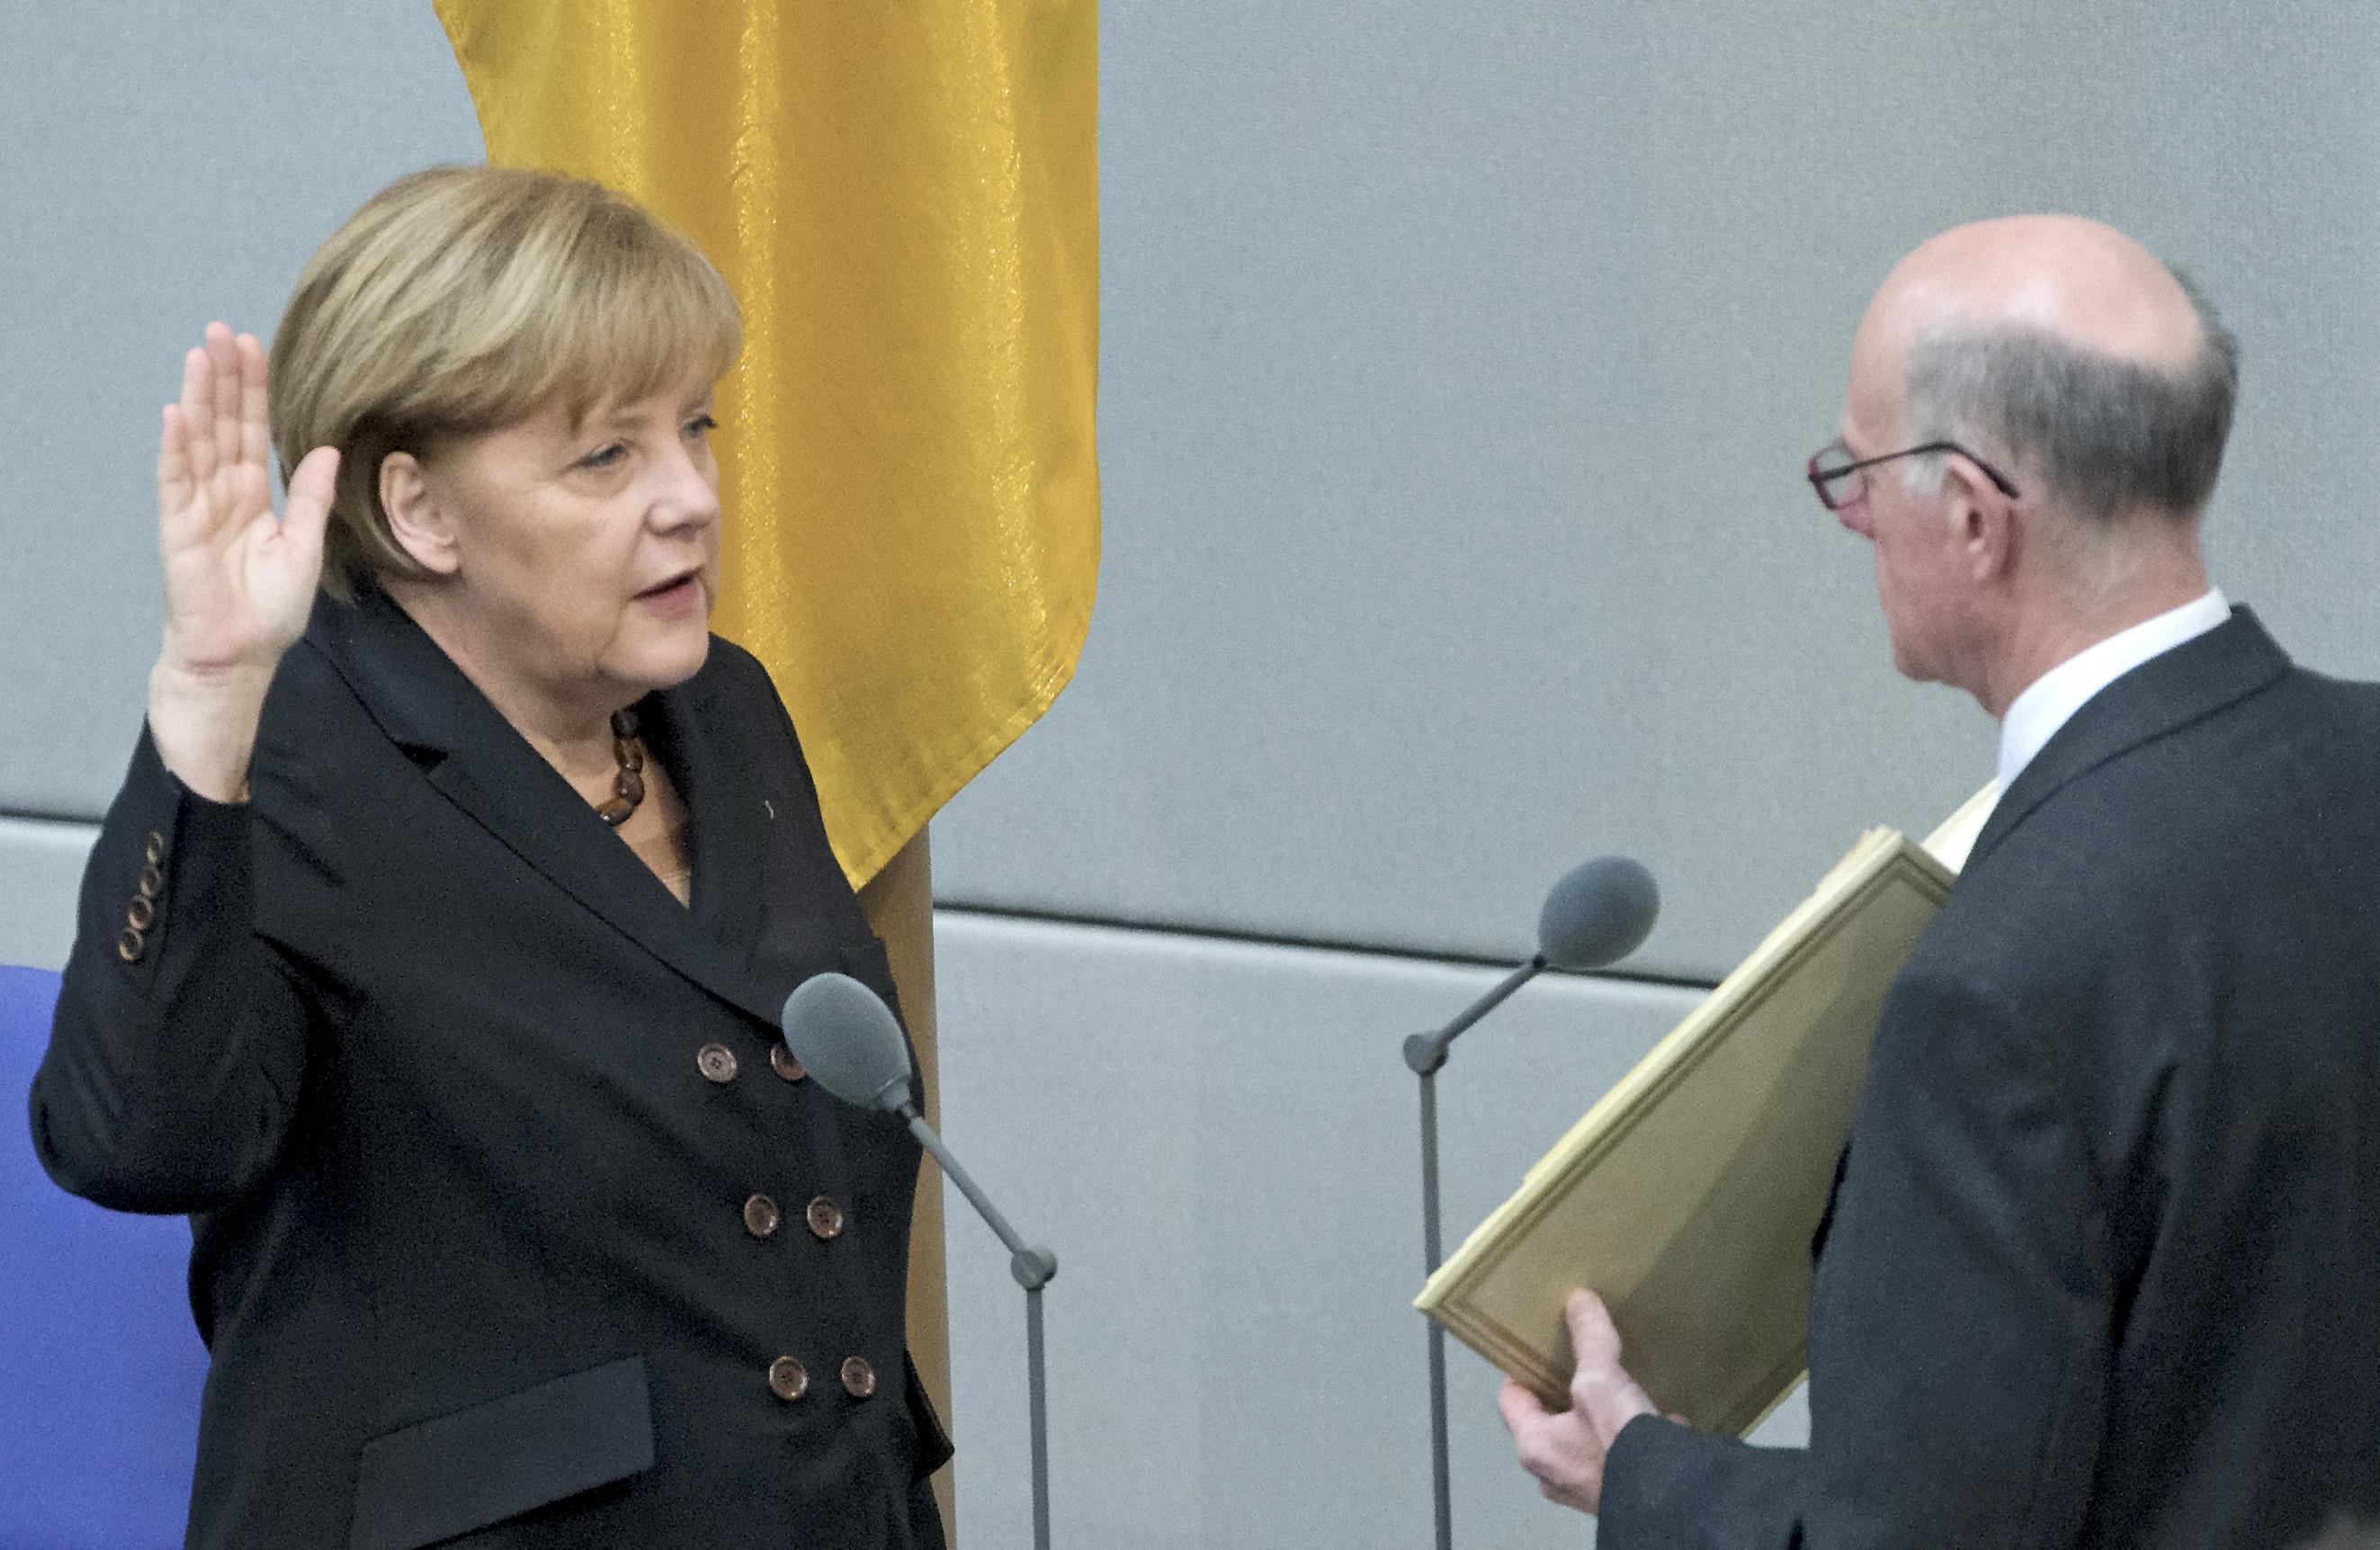 Tysklands ledare Angela Merkel får fortsätta. Foto: Jens Meyer/TT